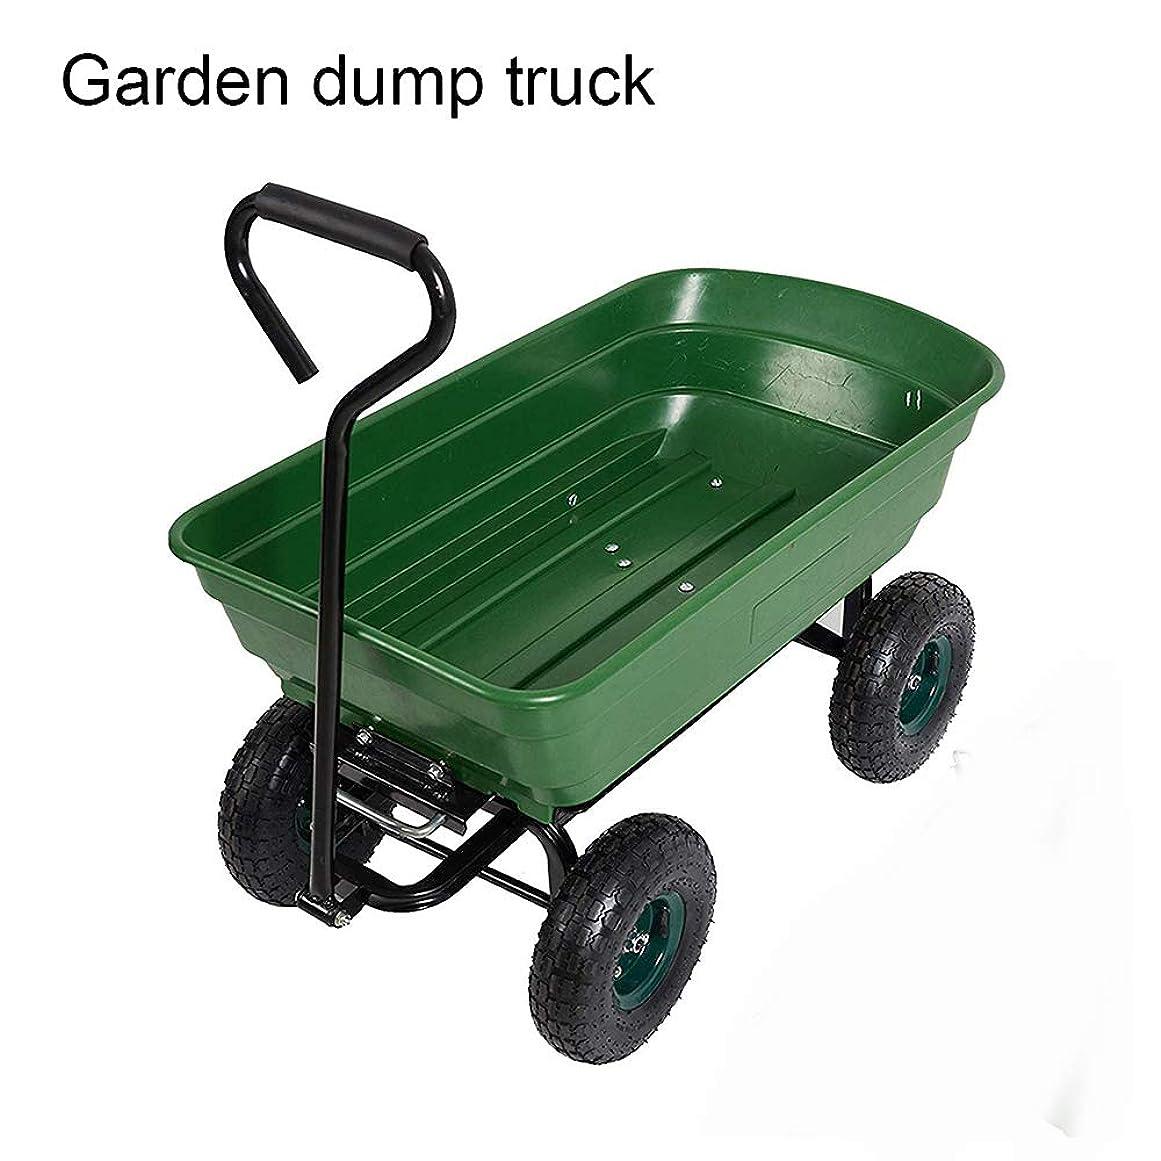 安全なグリース記憶ガーデンダンプカート-550 LB重量容量多機能手押し車の丈夫なプラスチック製の庭の芝生??のカート